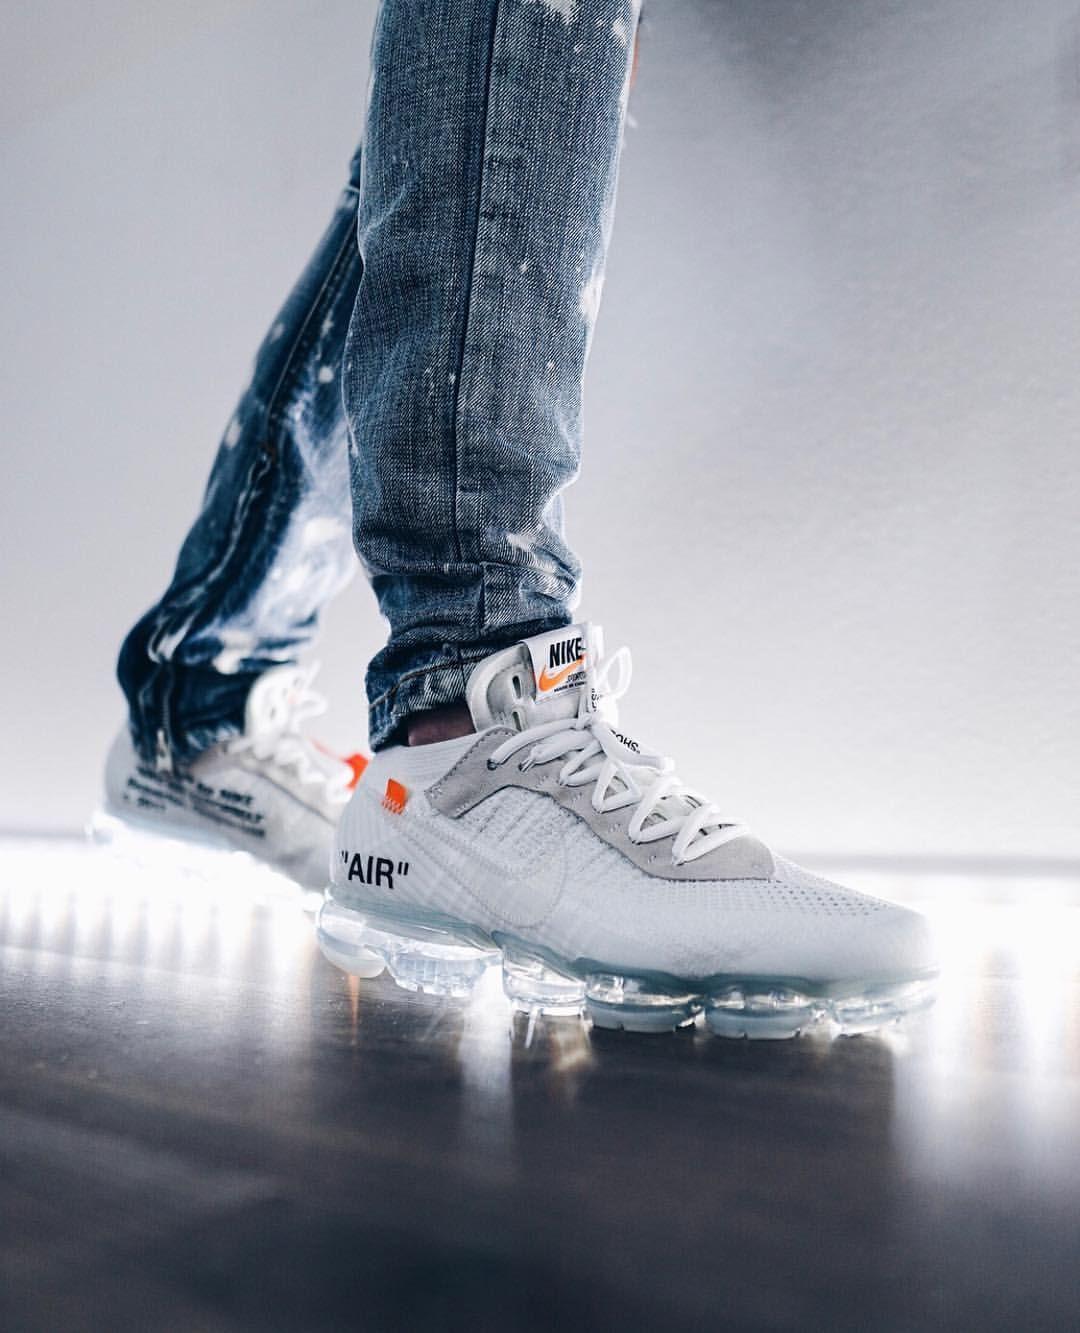 Nike Vapermax x Off White⚪️ Viele können sich mit dem